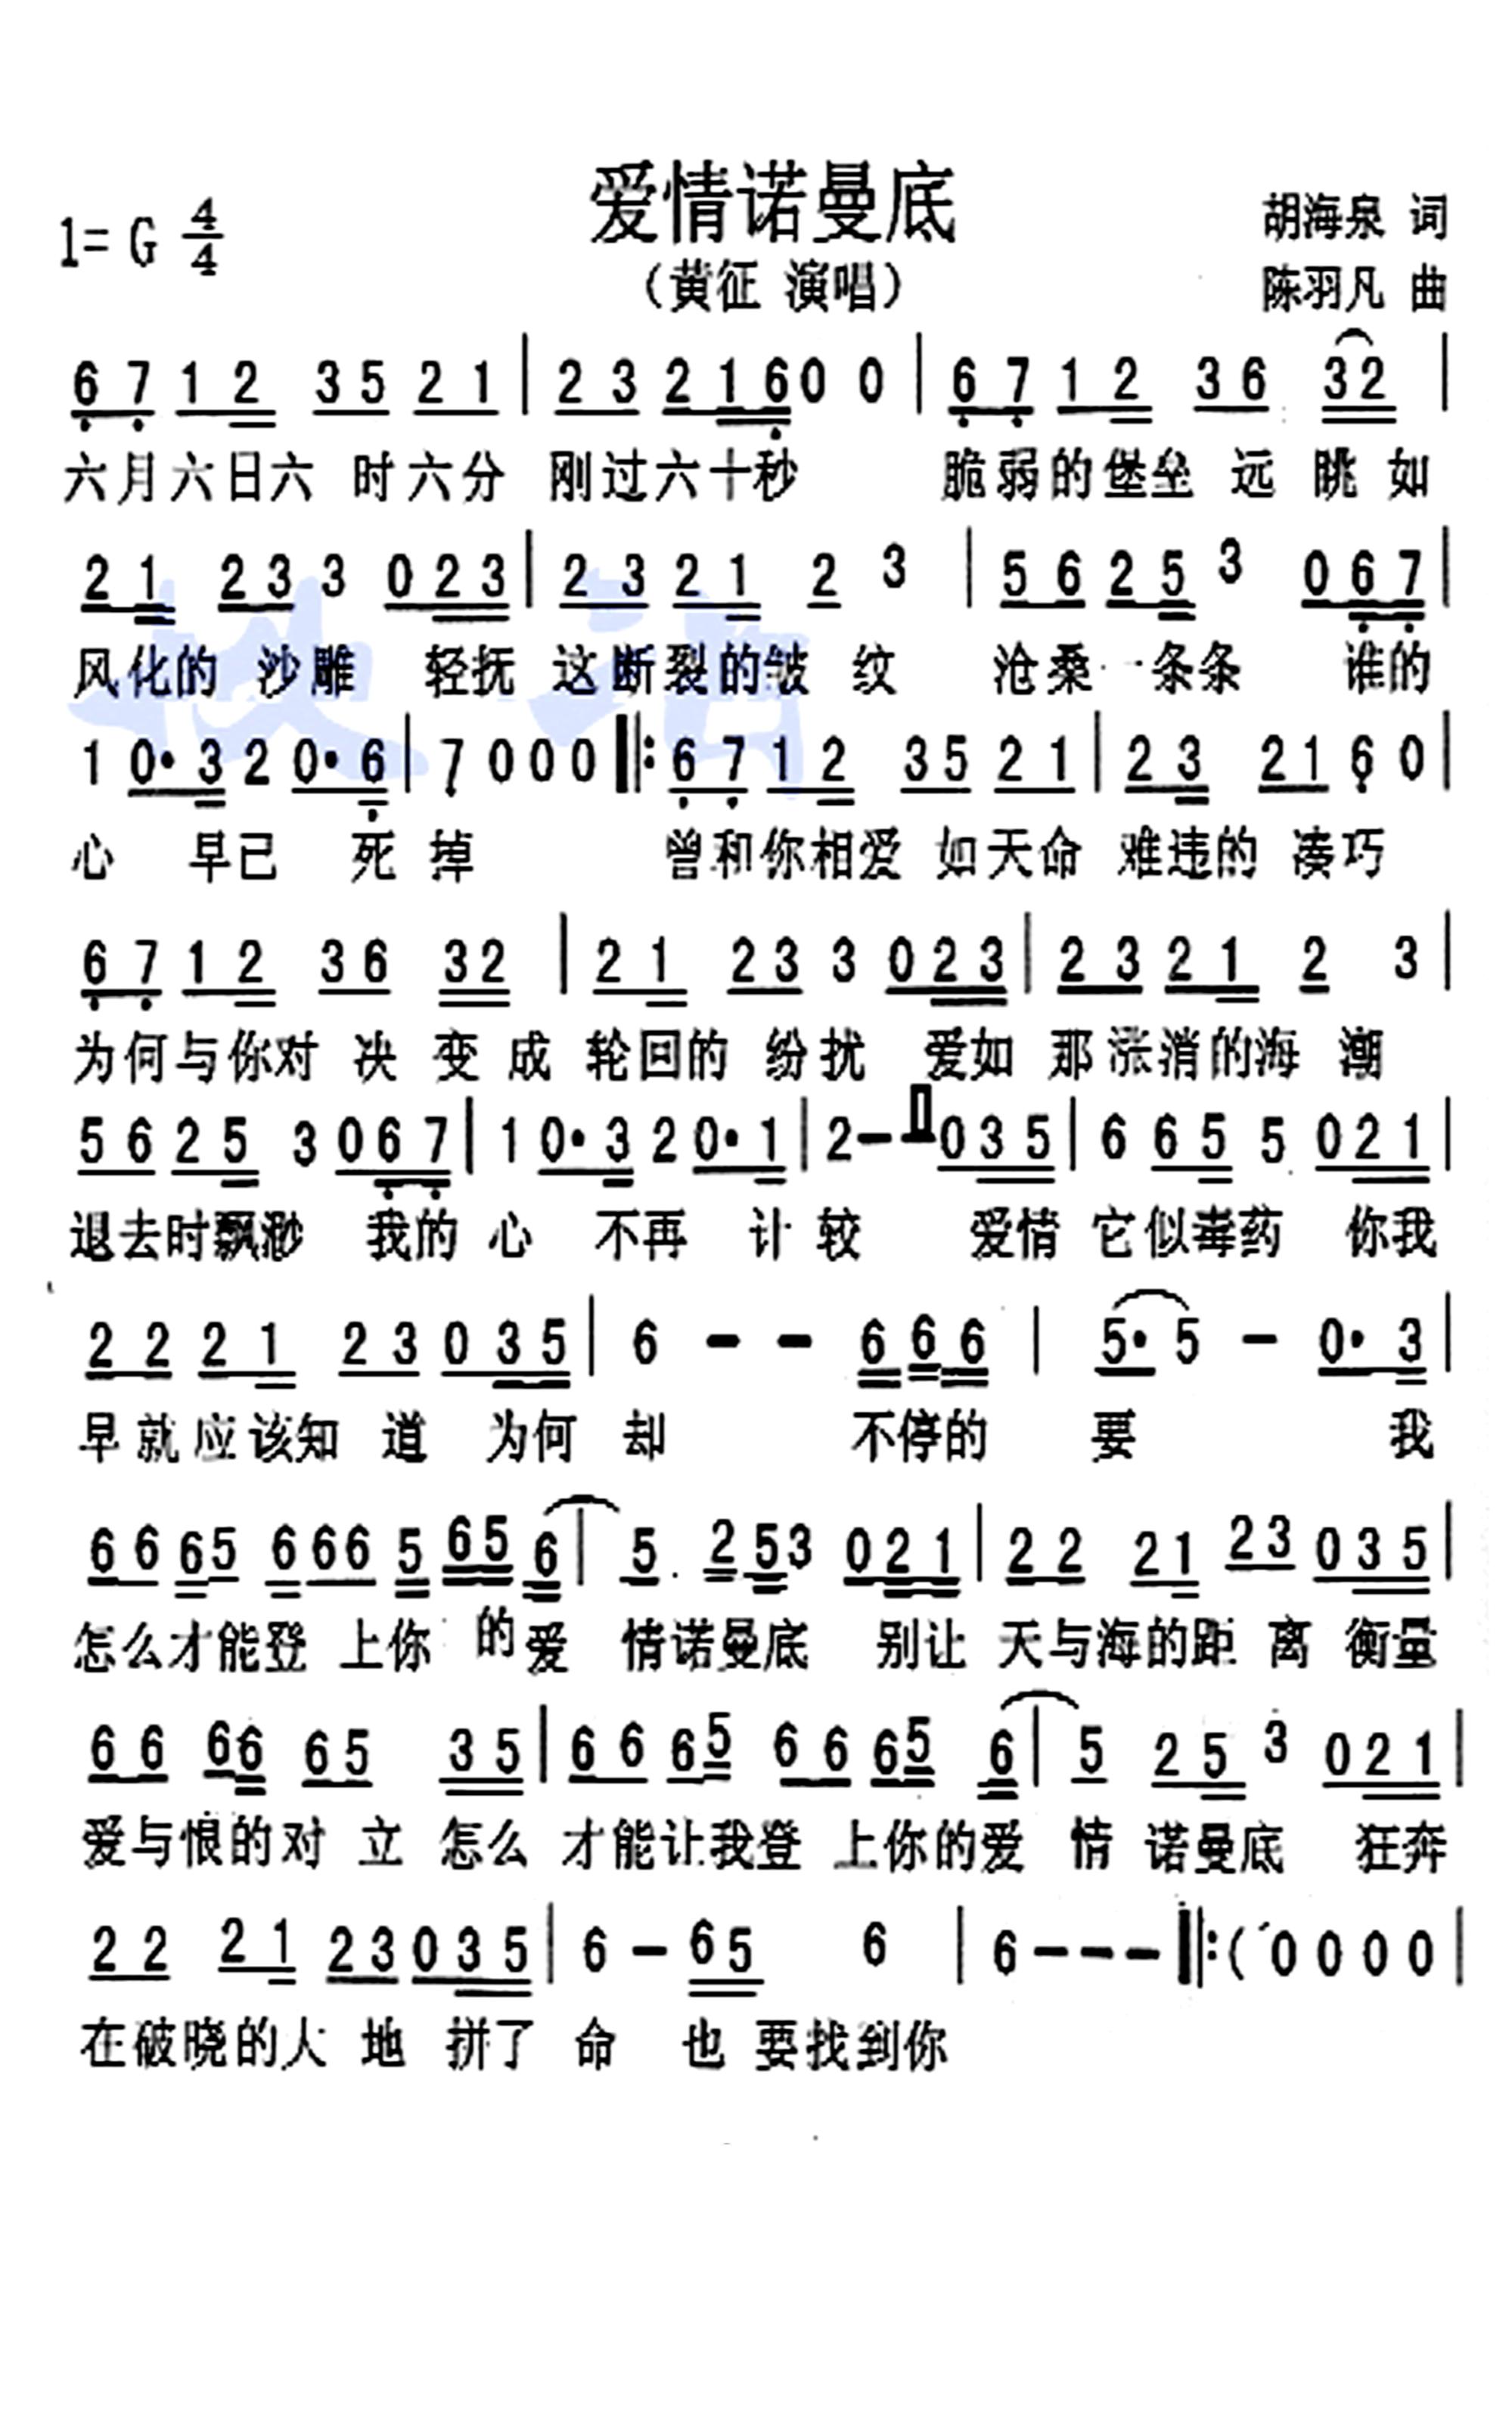 爱情诺曼底--葫芦丝简谱(编曲 混缩)tiger1950